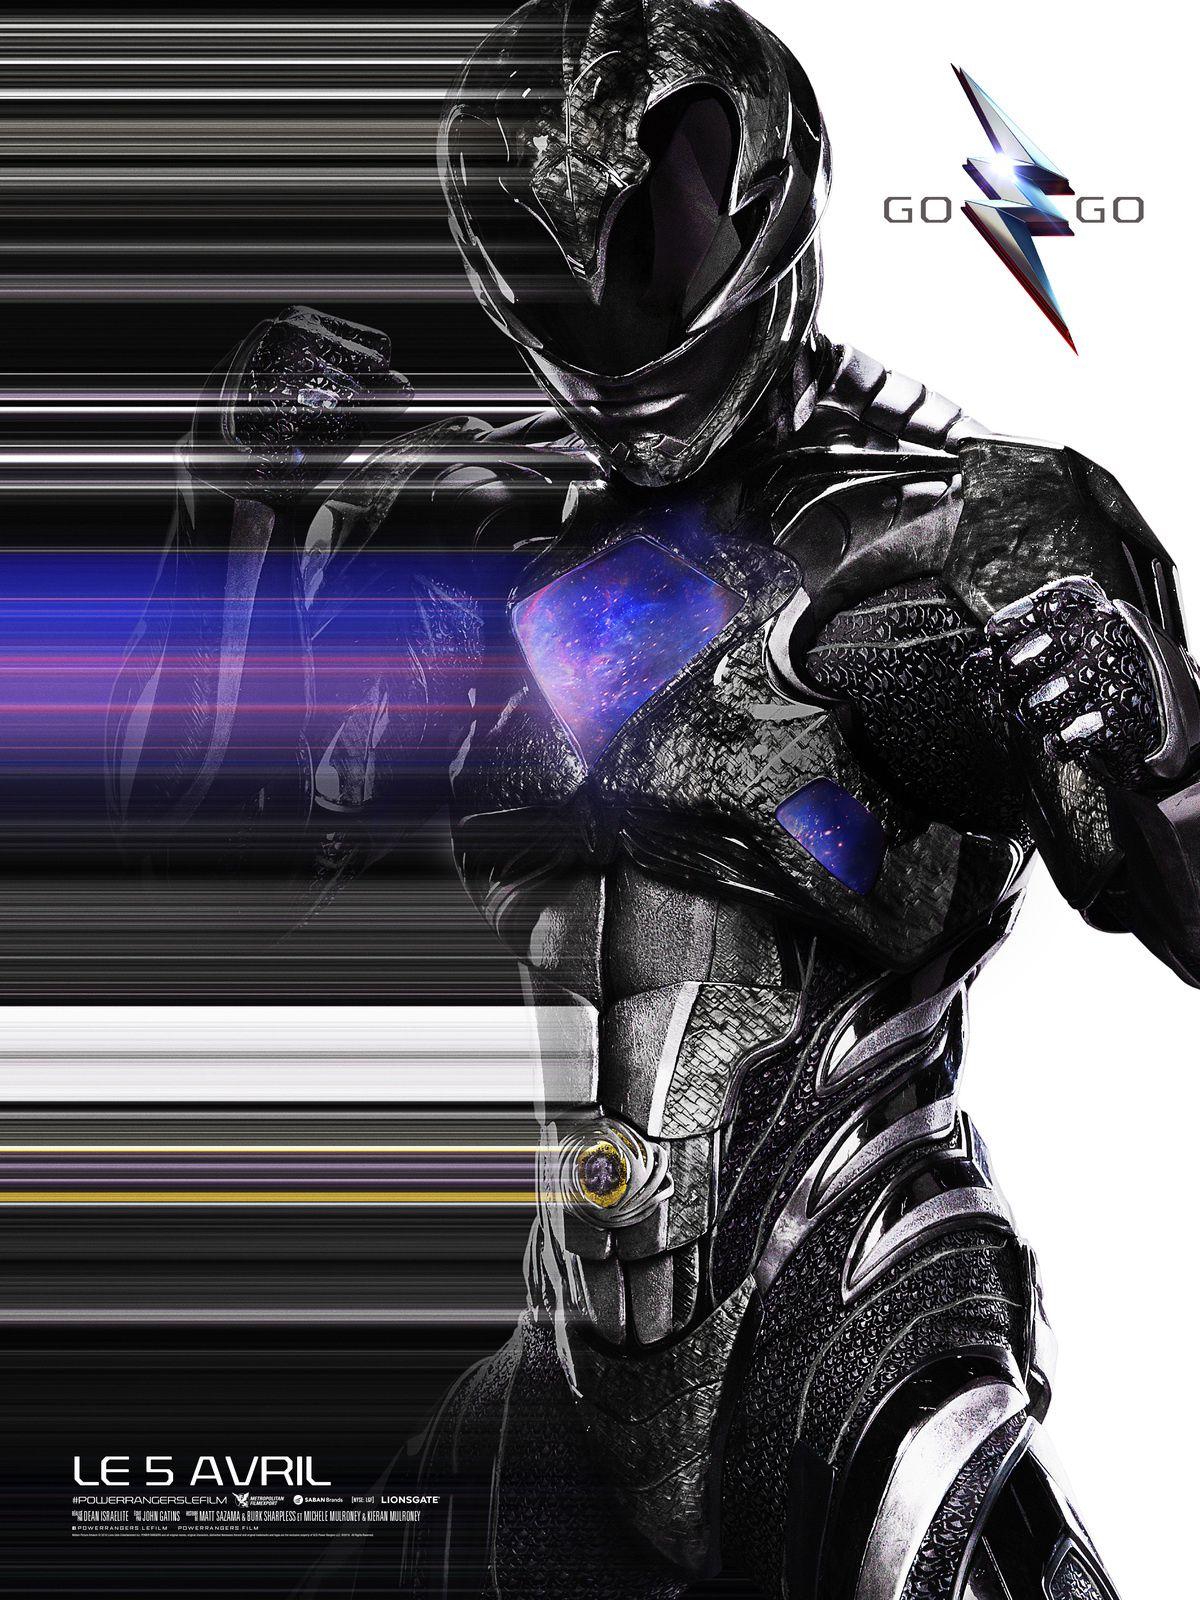 POWER RANGERS (BANDE ANNONCE VF et VOST) Au cinéma le 5 avril 2017